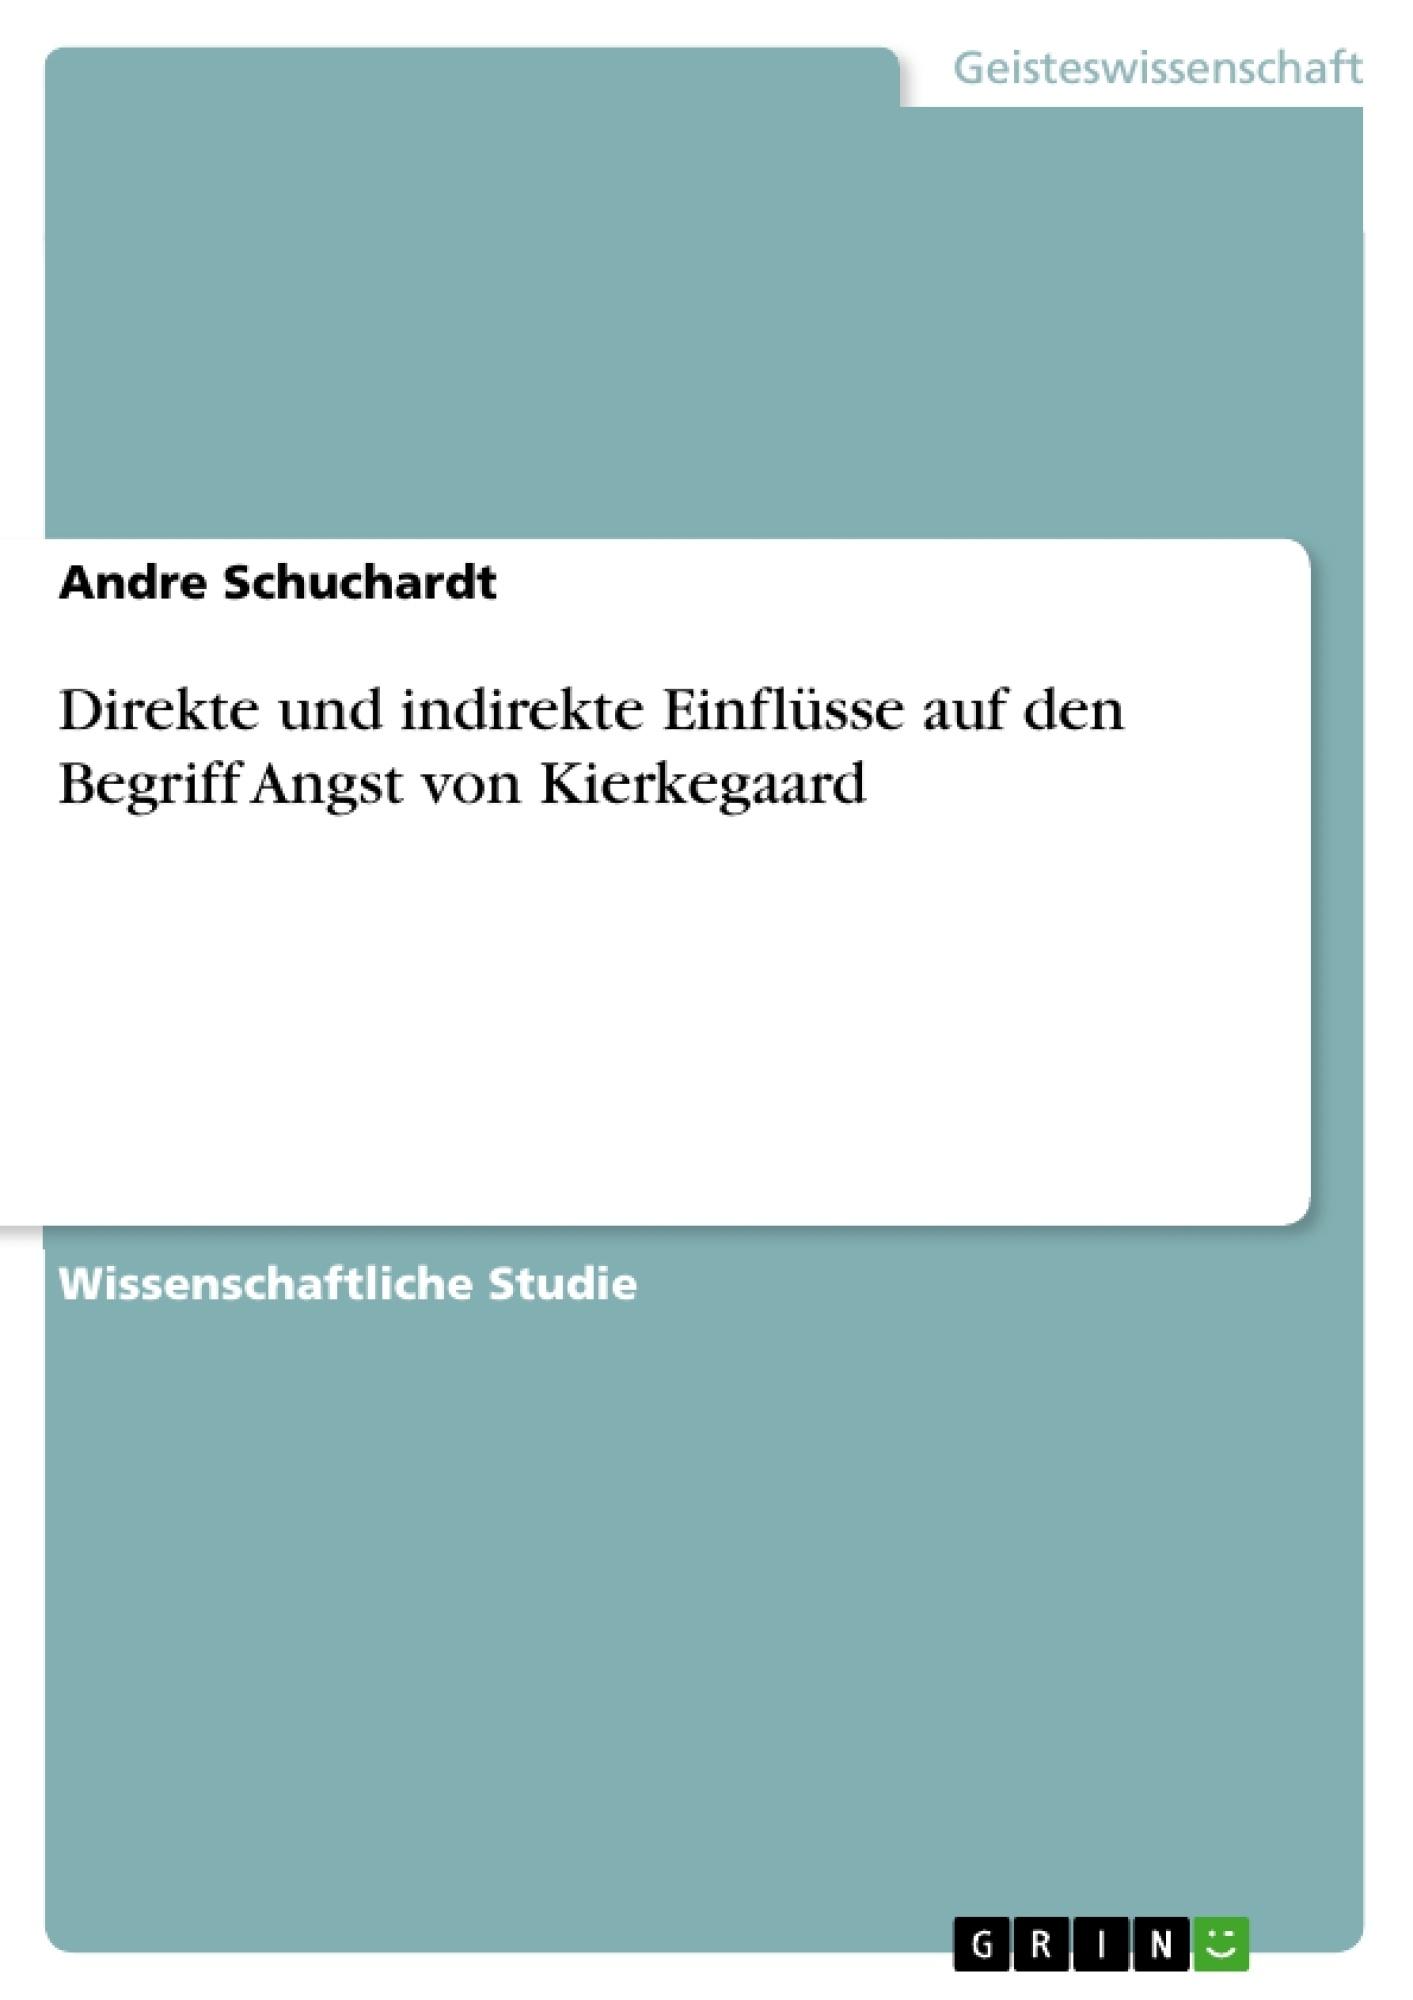 Titel: Direkte und indirekte Einflüsse auf den Begriff Angst von Kierkegaard